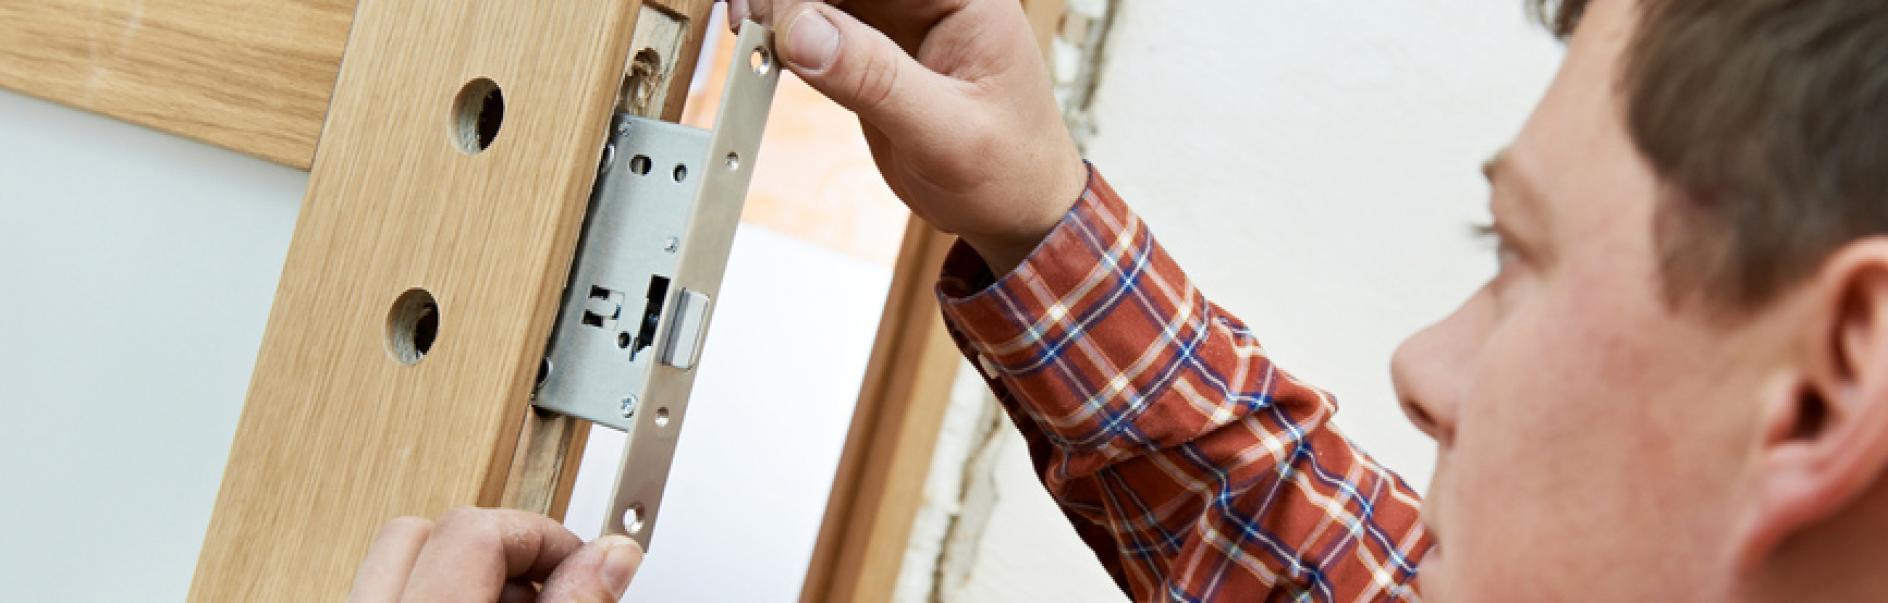 How To Fit A Door Lock